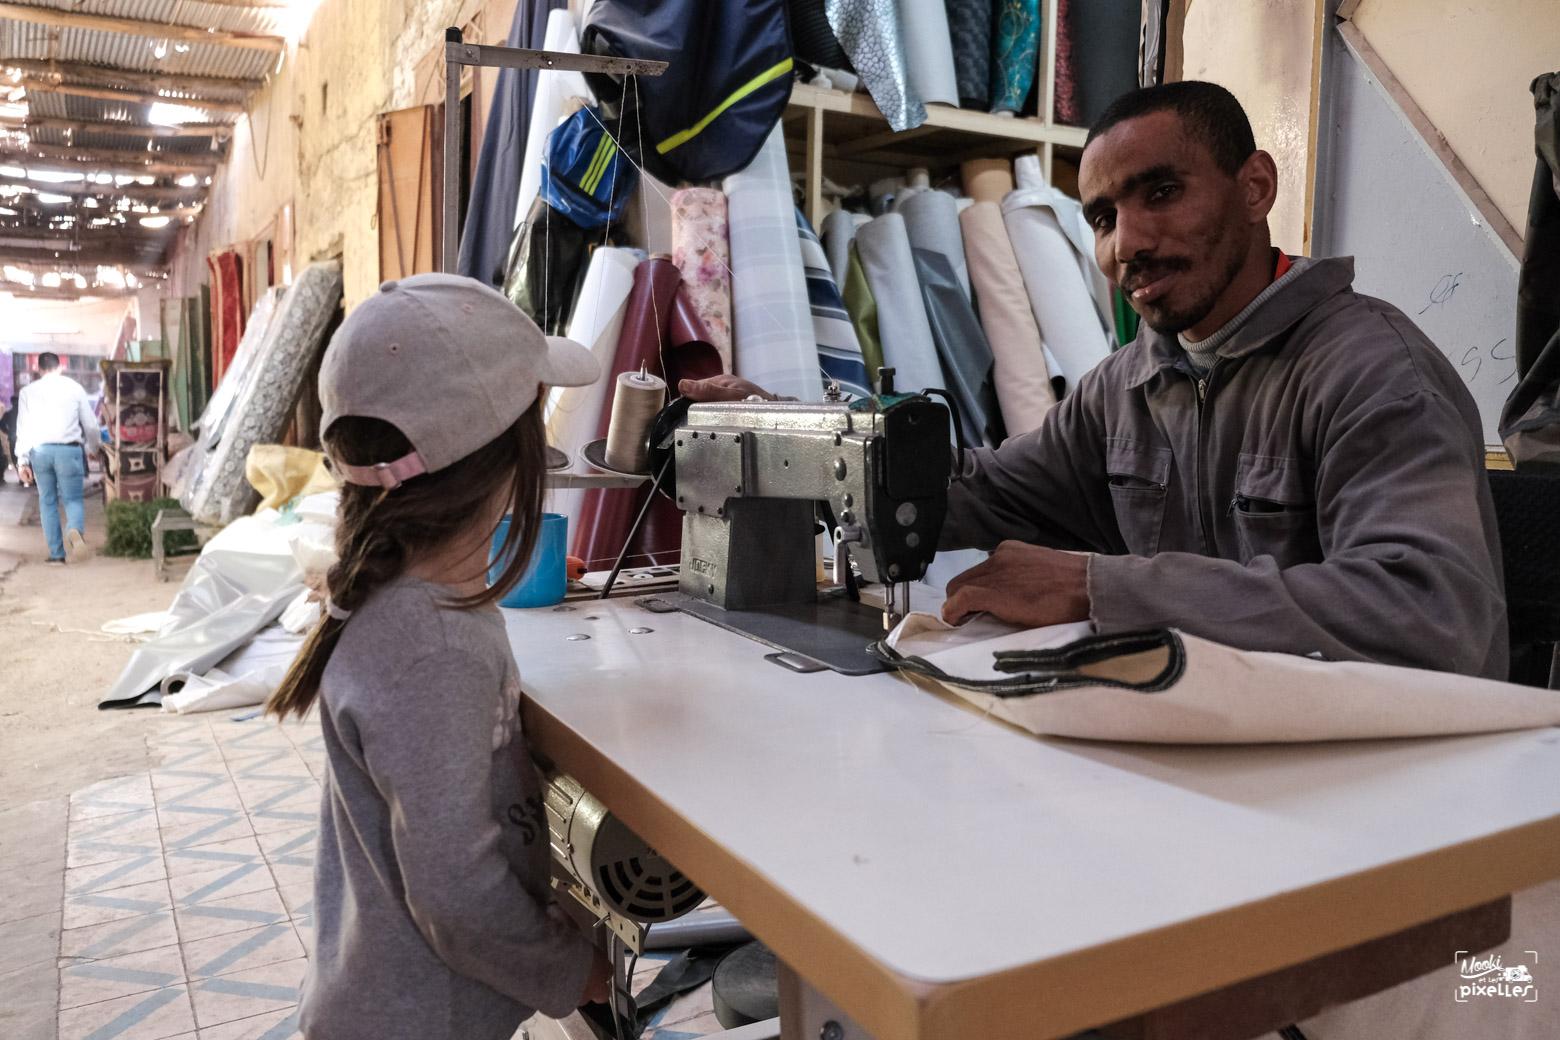 Un couturier marocain pose pour la photo